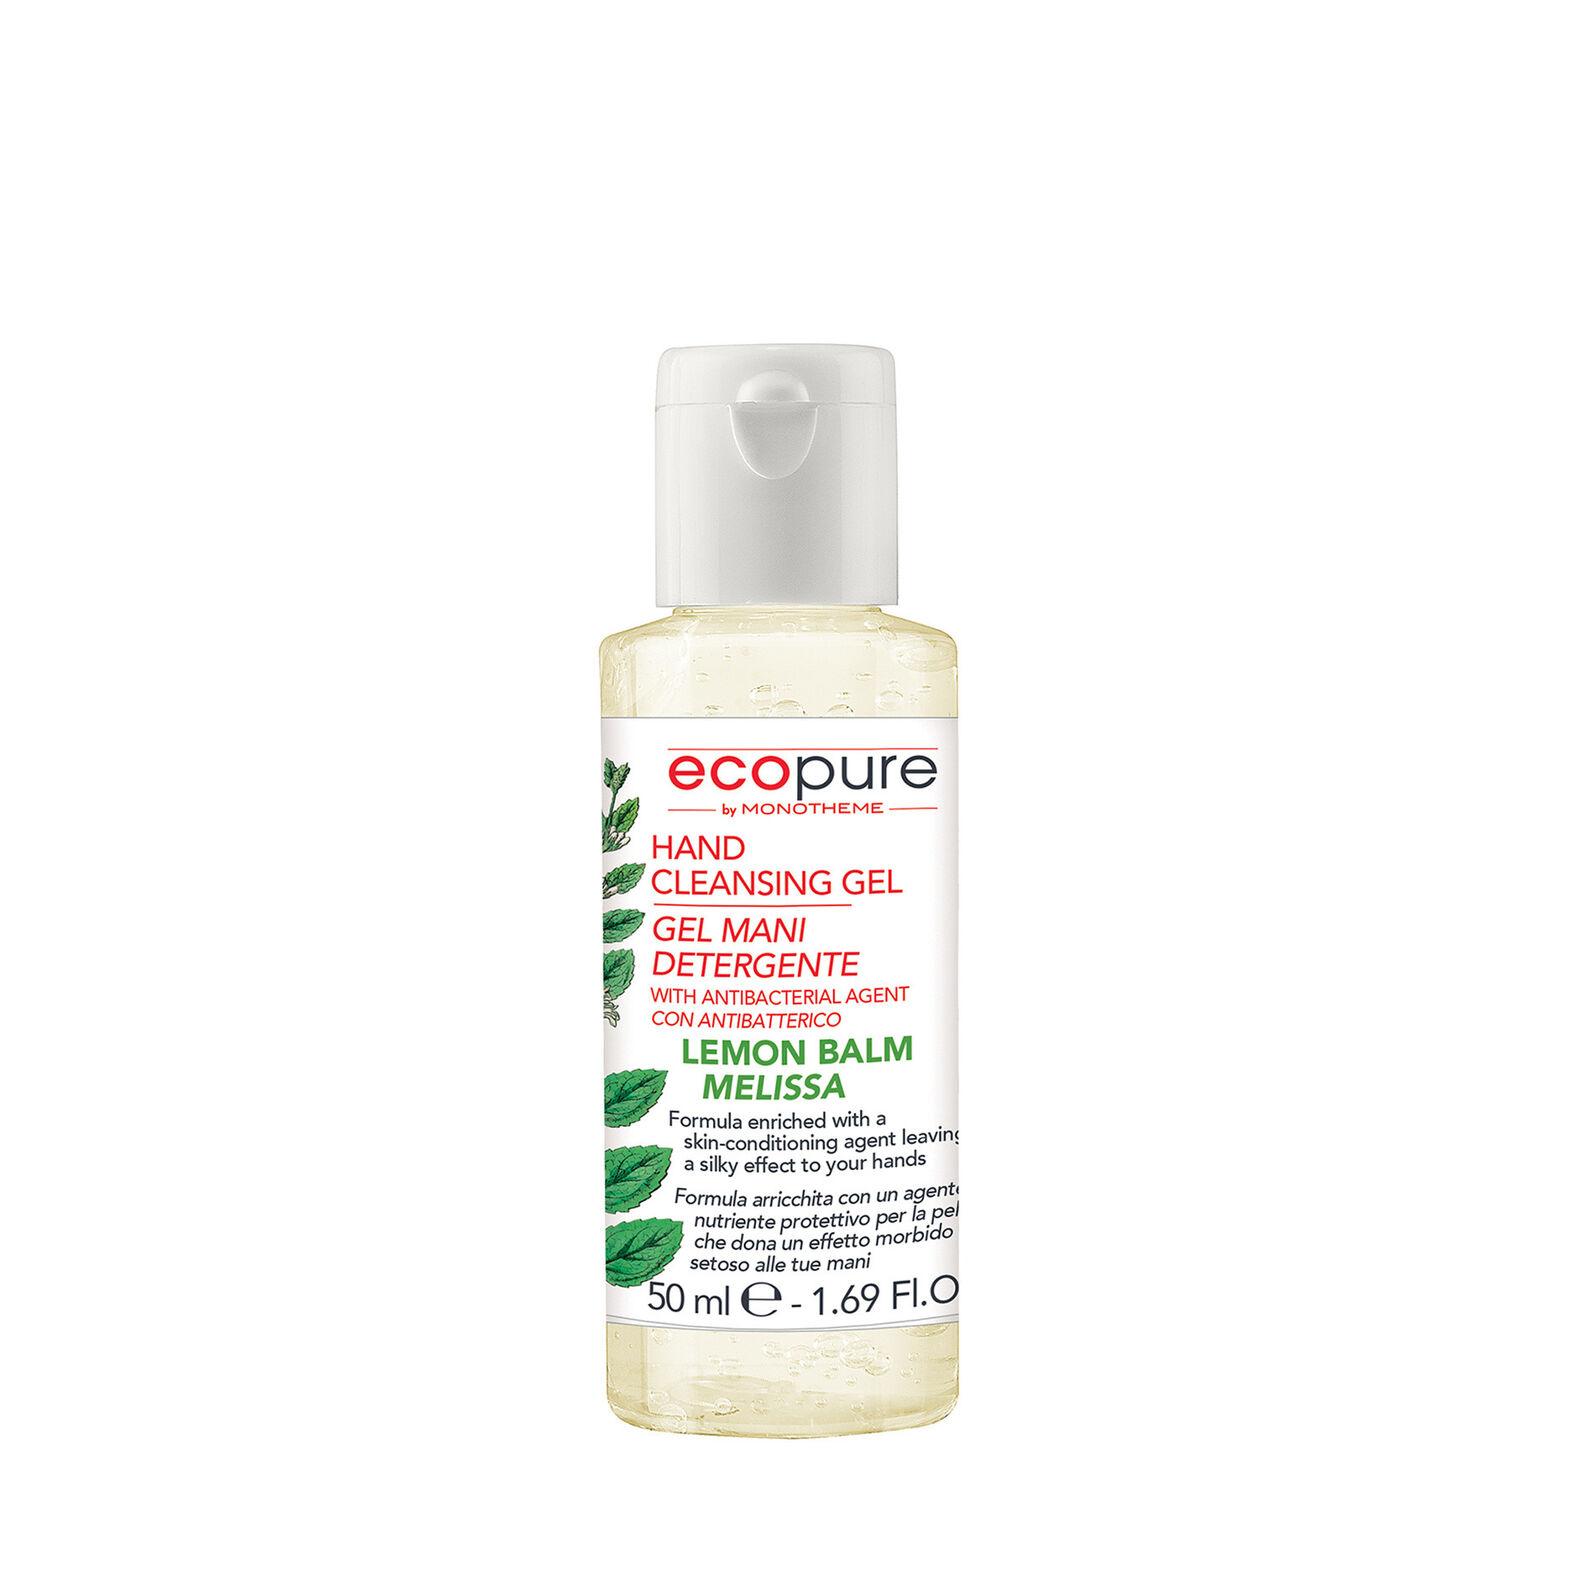 Melissa Ecopure hand gel by Monotheme 50ml